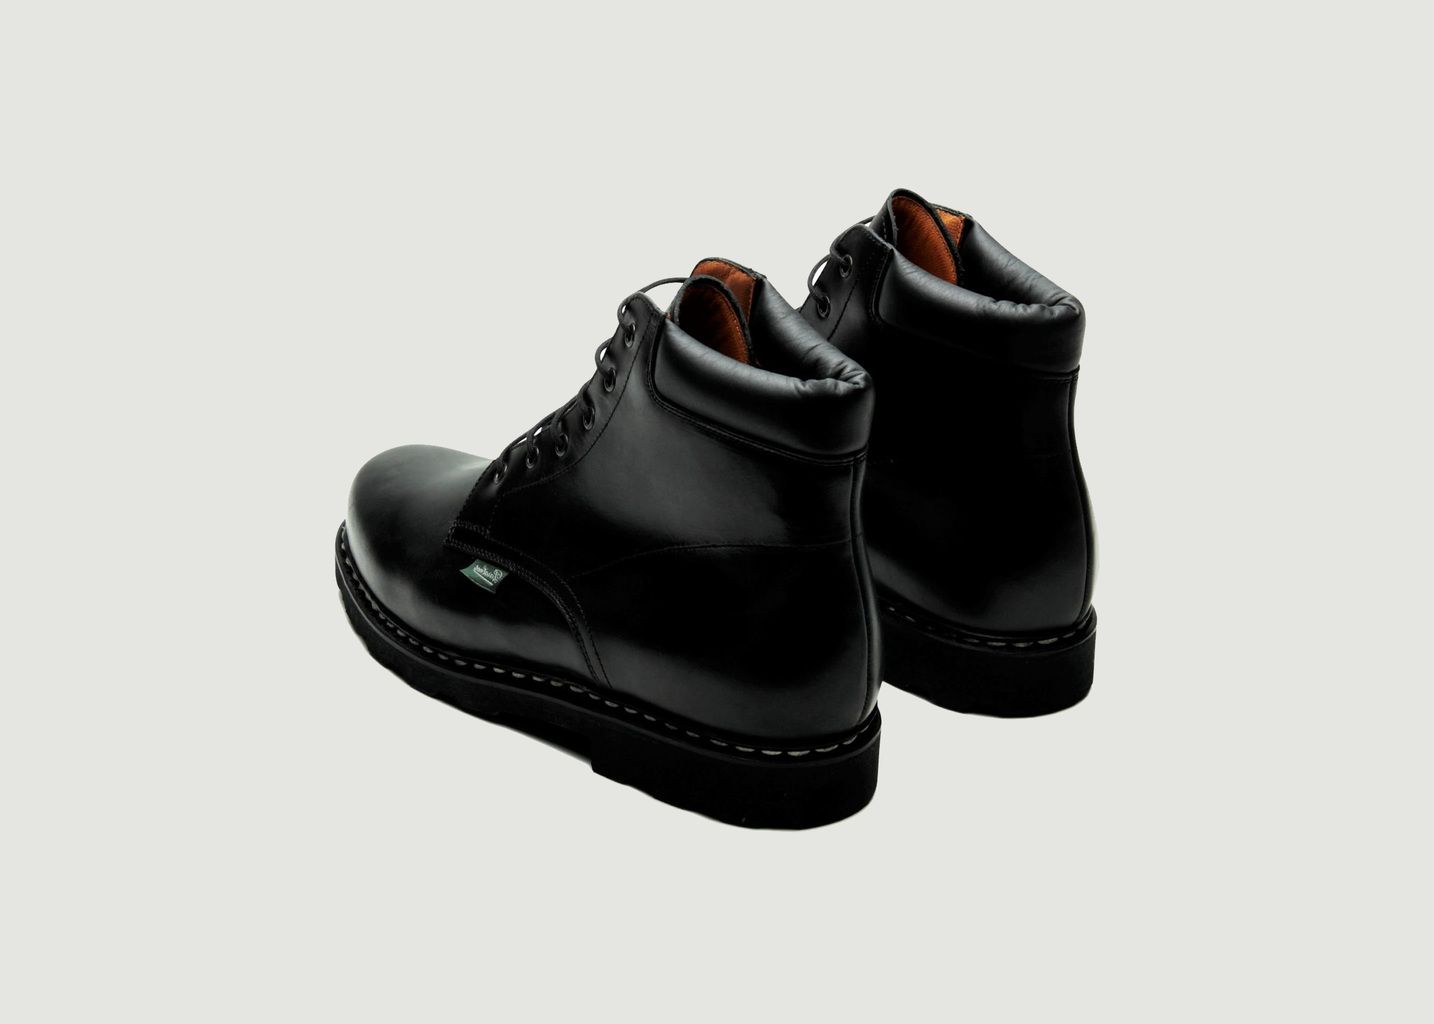 Boots Bergerac - Paraboot